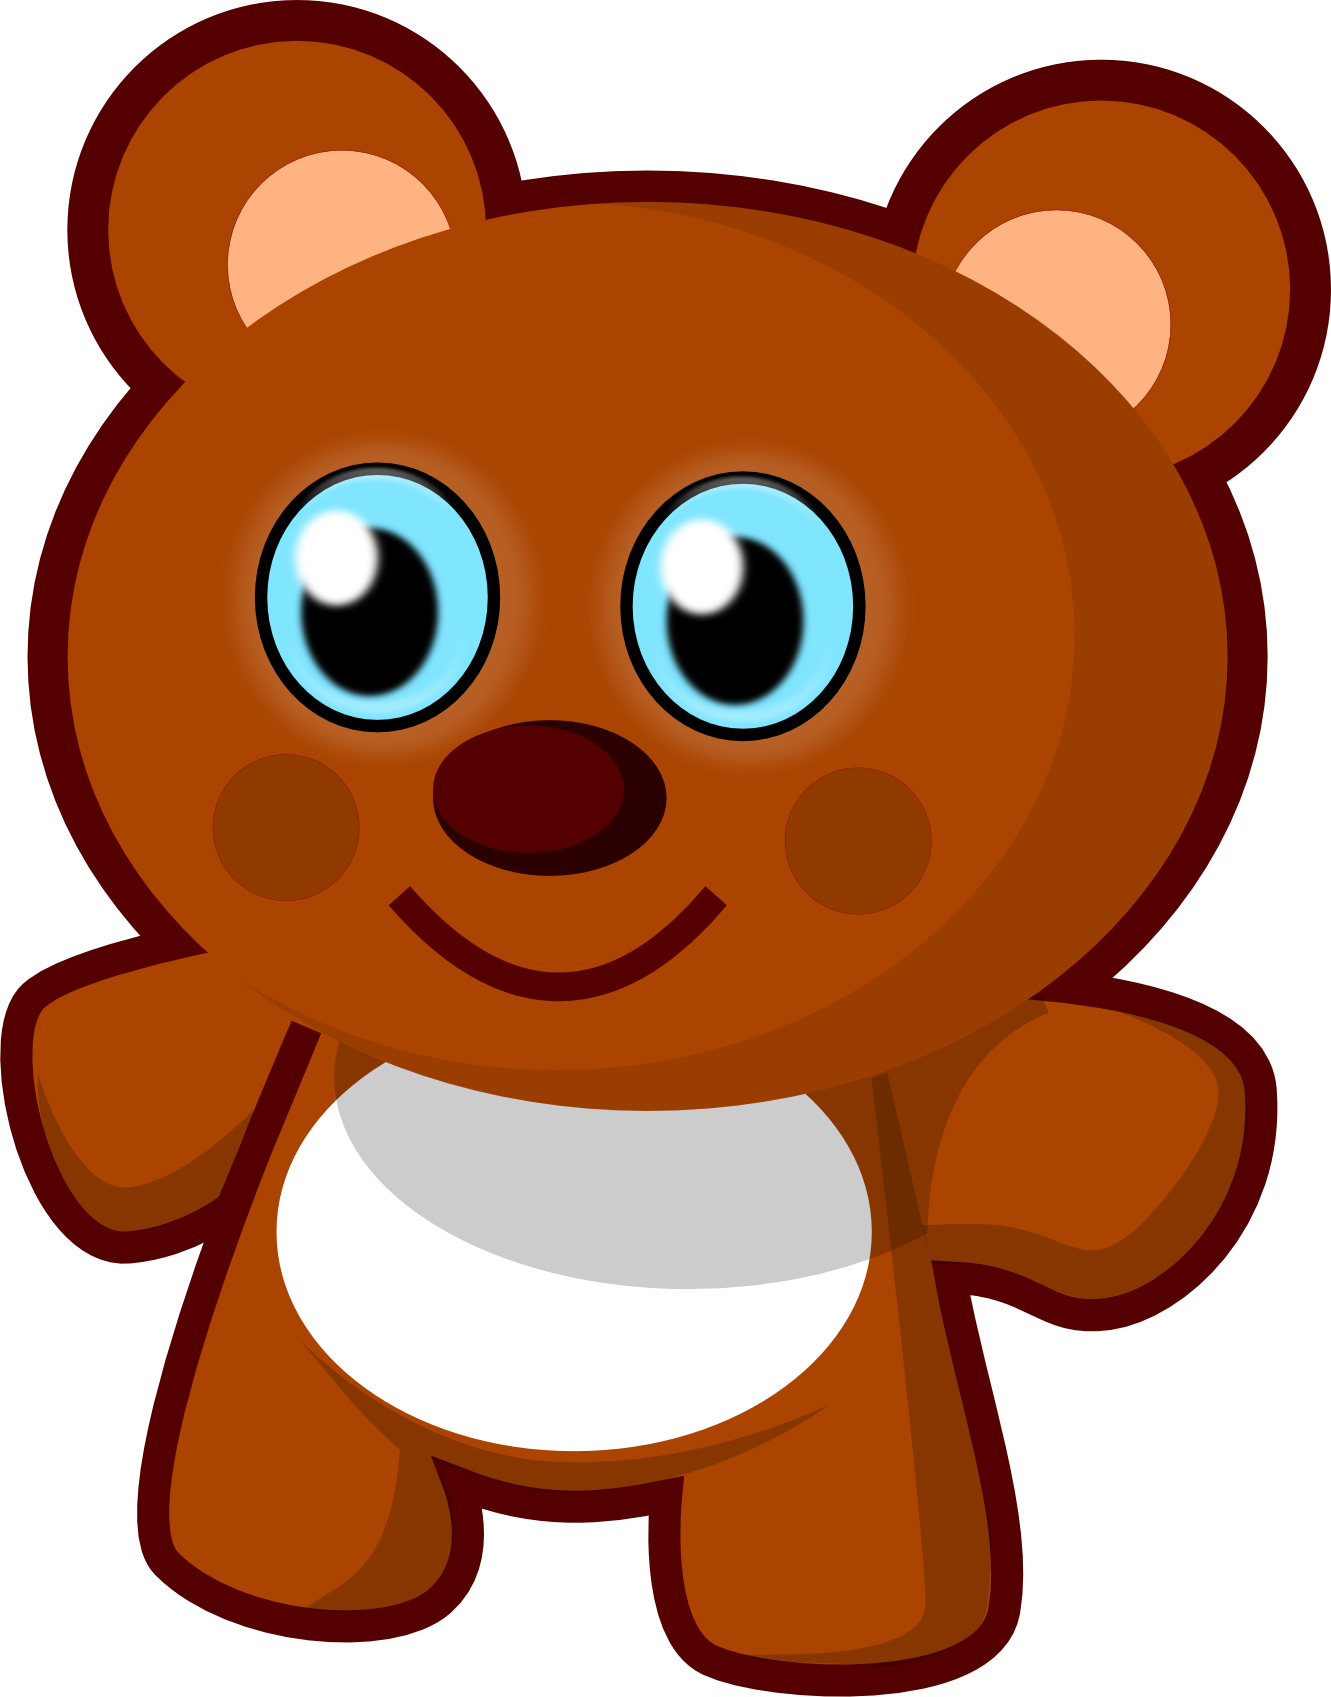 i-love-you-teddy-bear-clipart-ycogG6gcE.